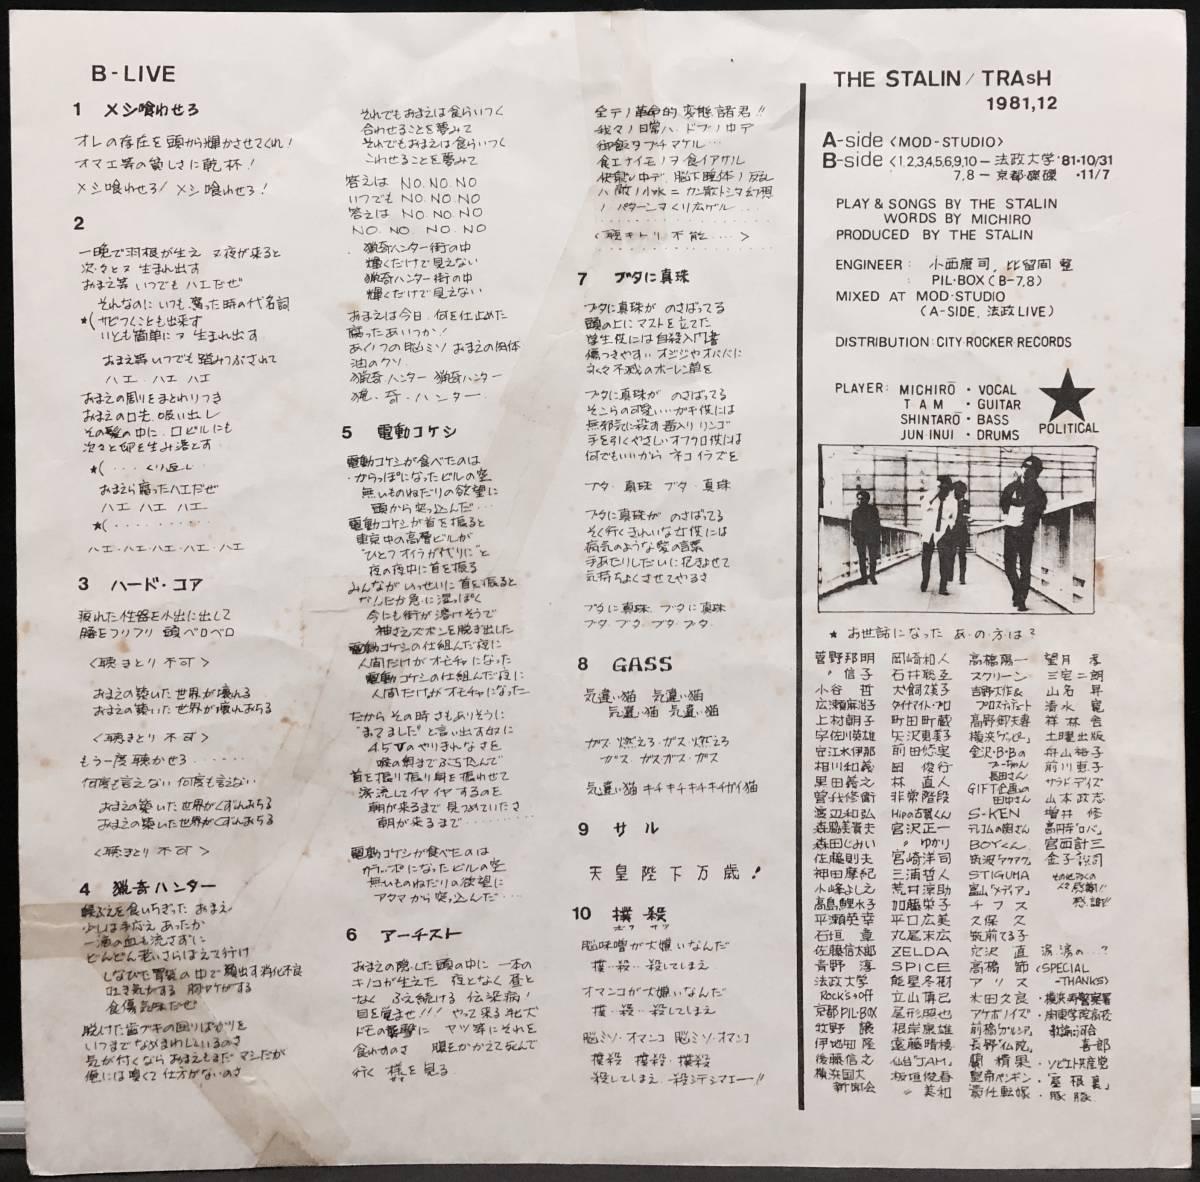 THE STALIN Trash 1981年オリジナル盤 遠藤ミチロウ 宮西計三_画像8